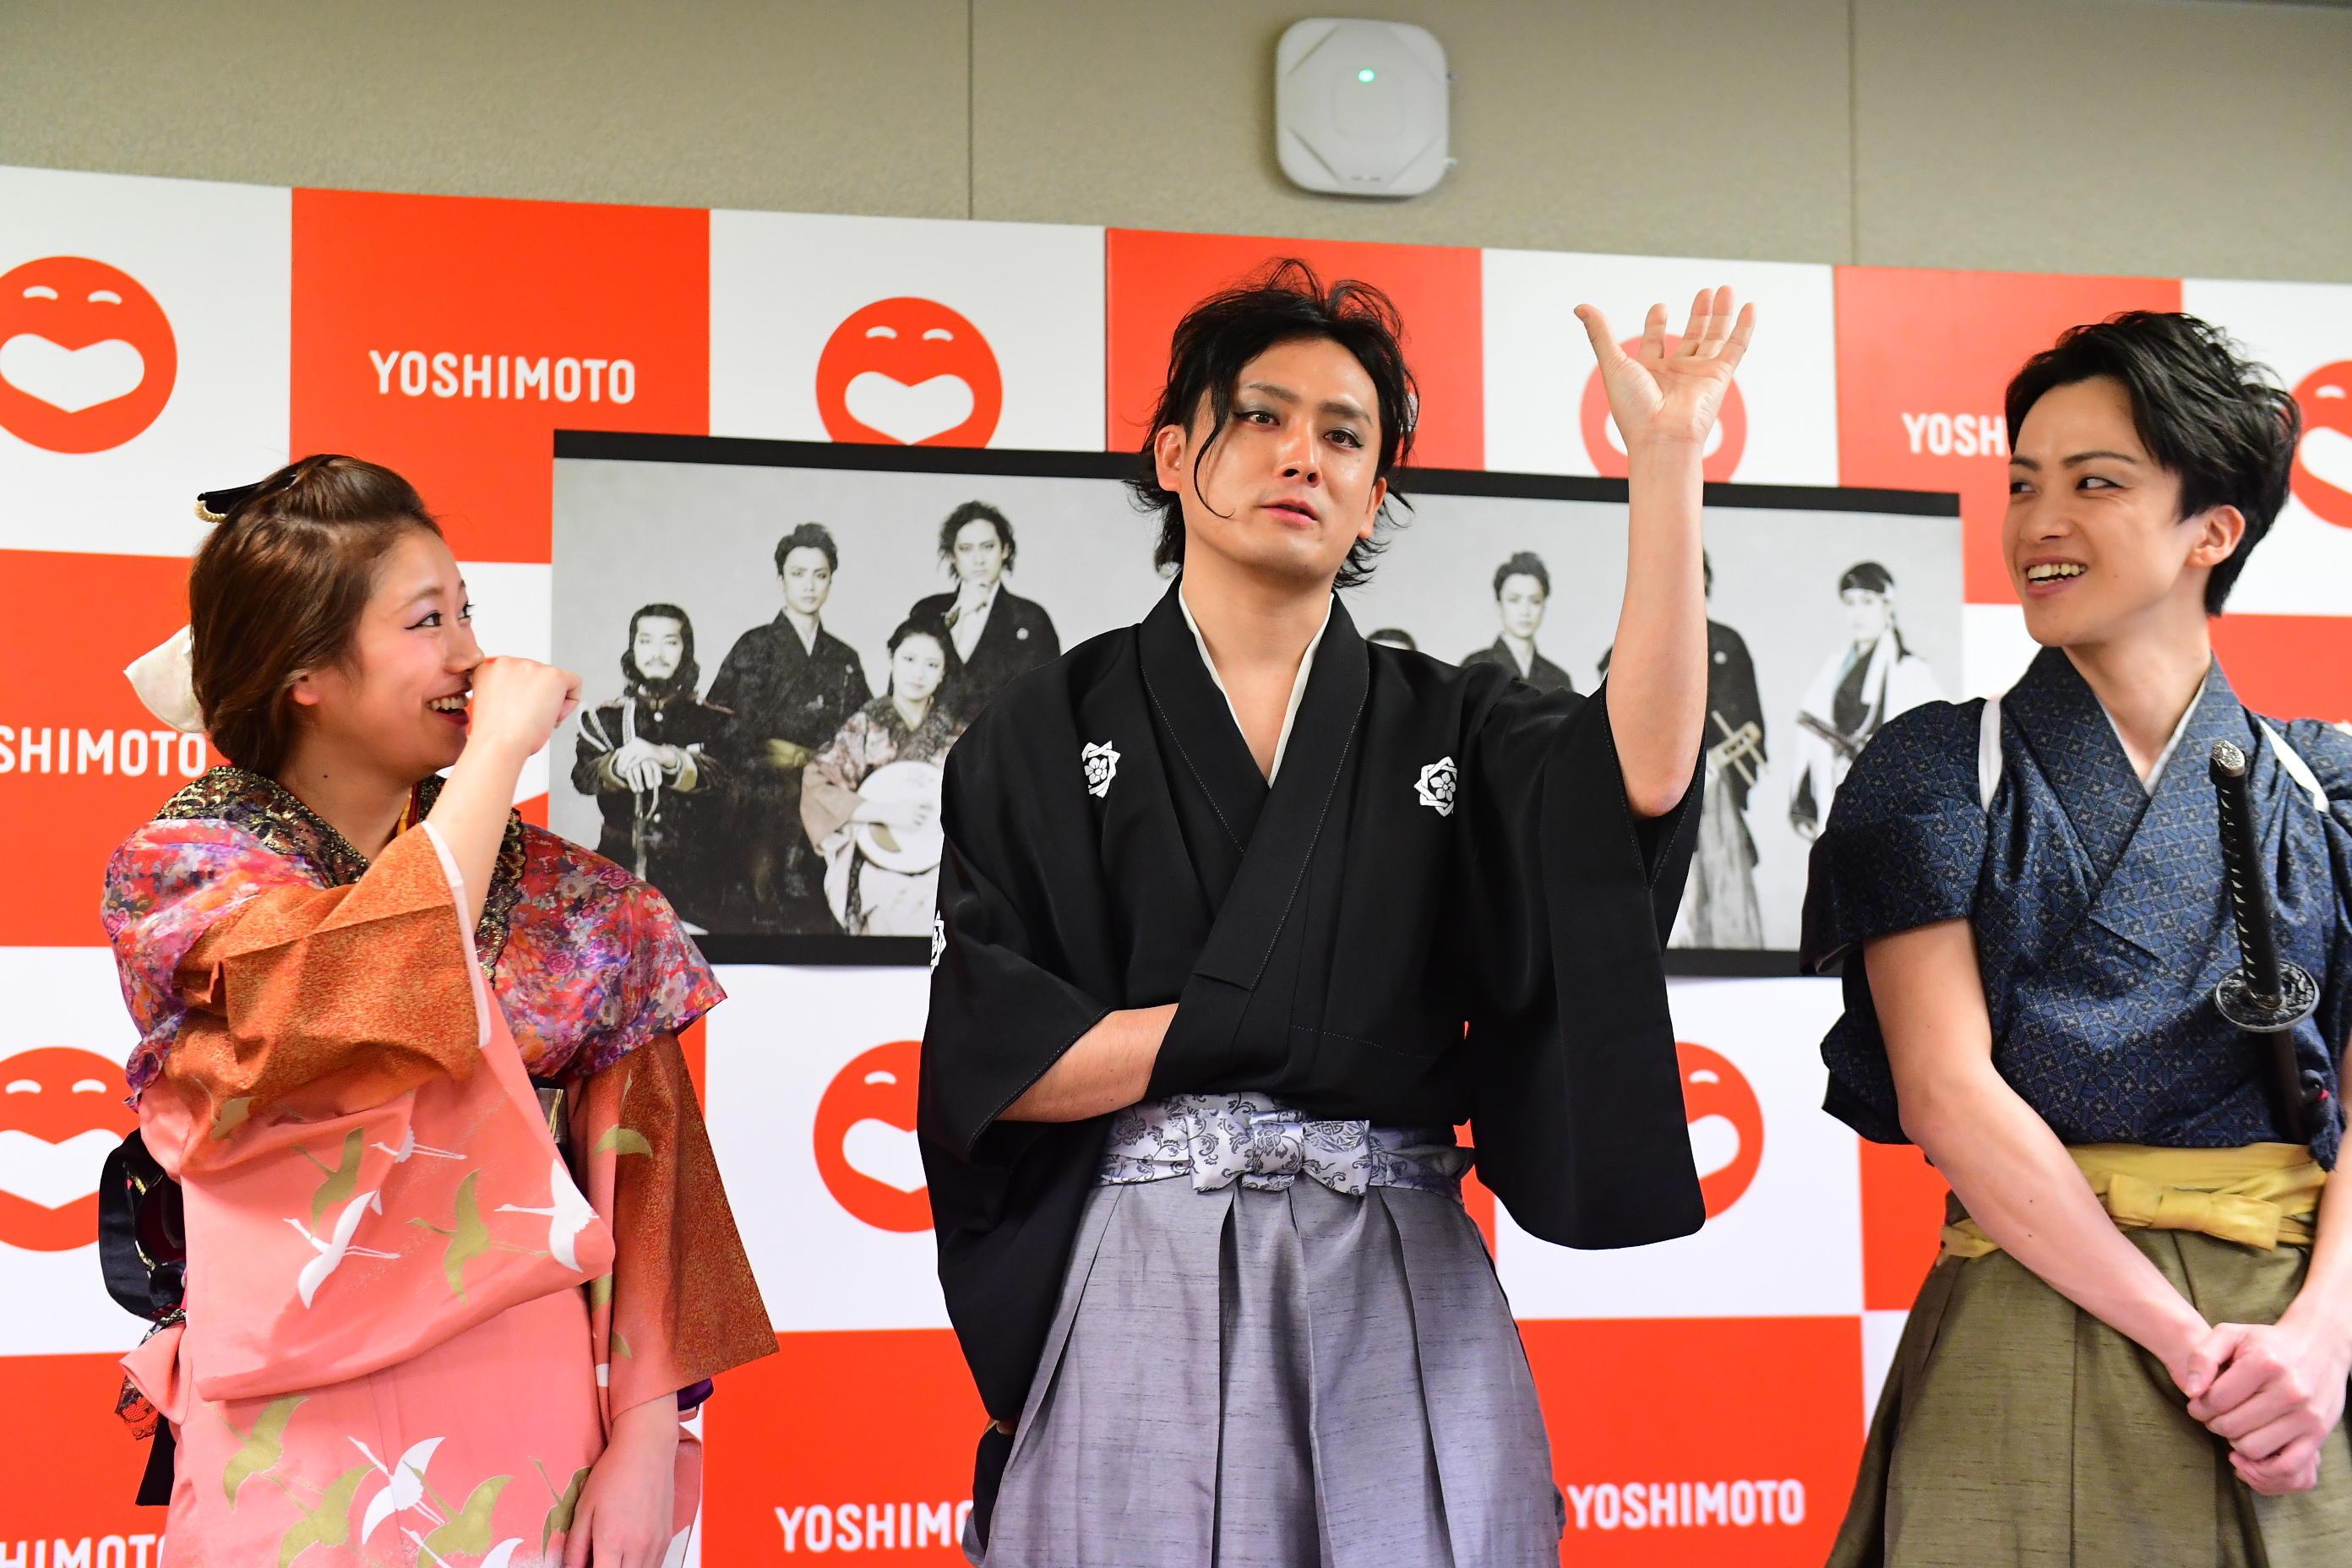 http://news.yoshimoto.co.jp/20170223194111-19483ff2948088a08038e02986de9e6ae16fcc80.jpg